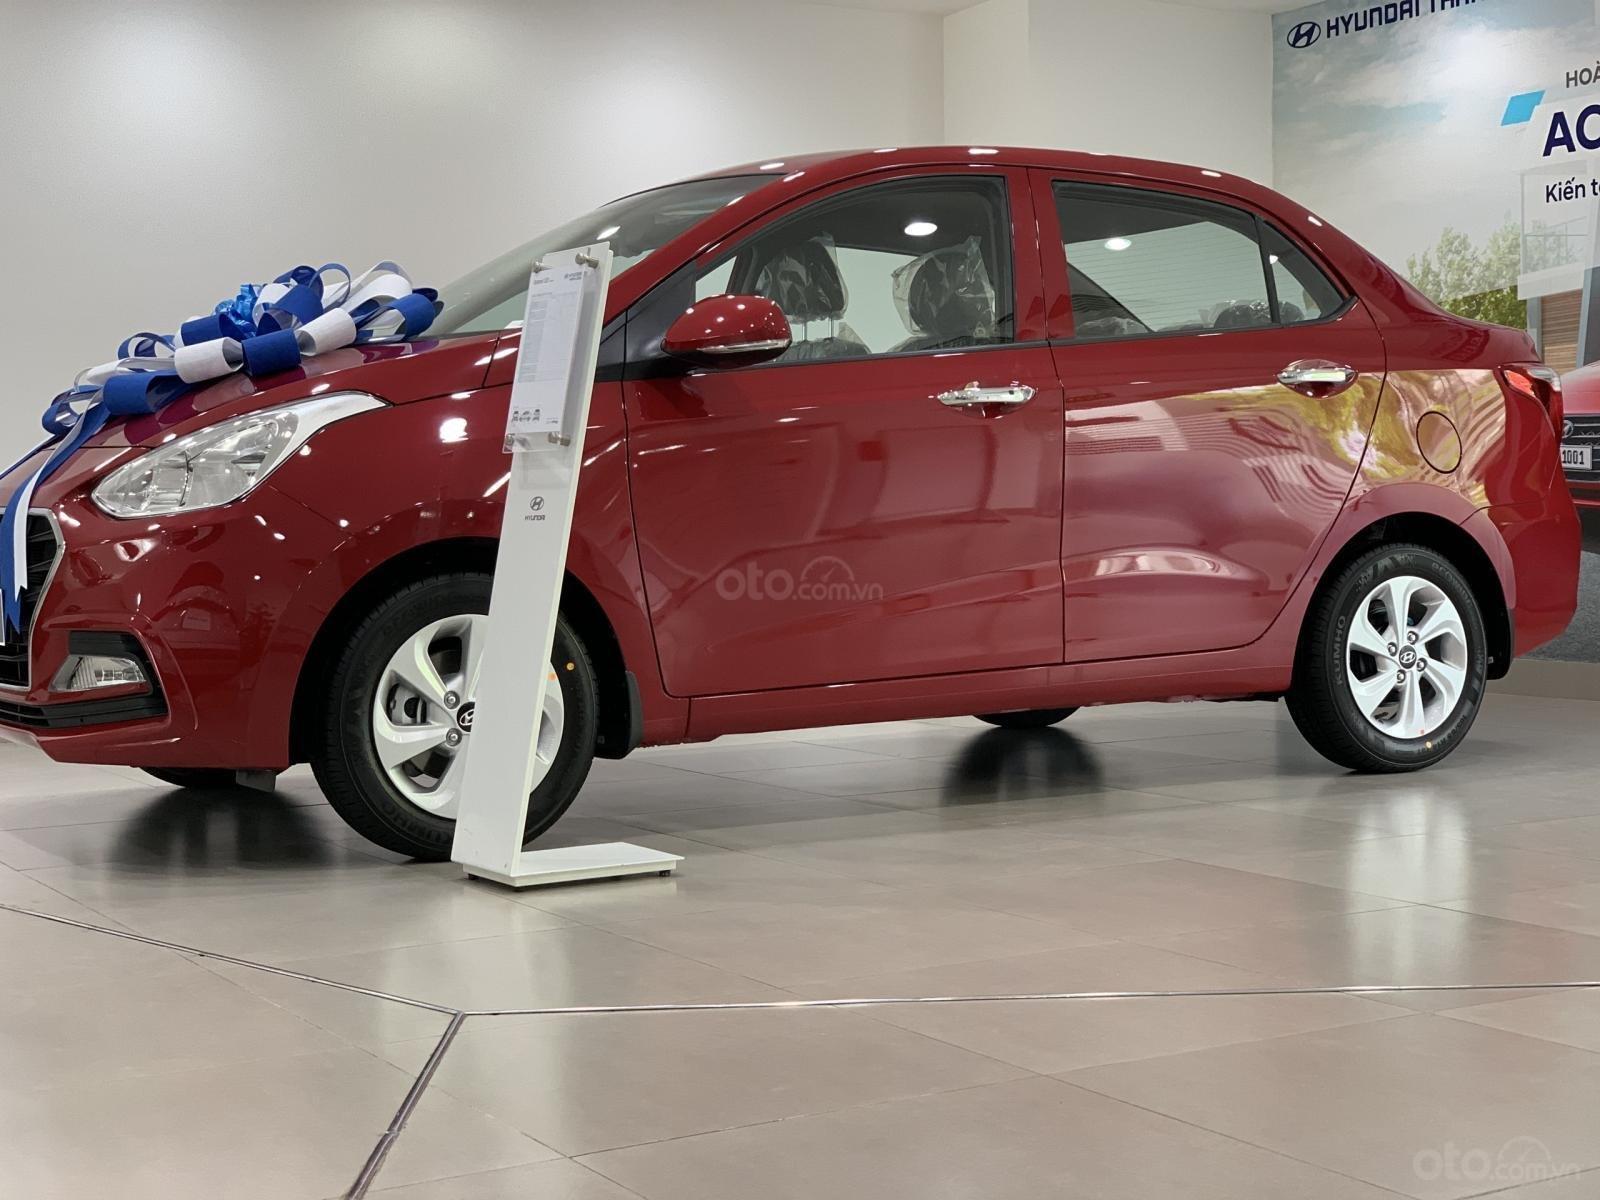 Hyundai Grand i10 sedan MT đỏ nhận xe ngay chỉ với 130tr, hỗ trợ đăng ký Grab, tặng bộ PK cao cấp, hỗ trợ vay trả góp (1)